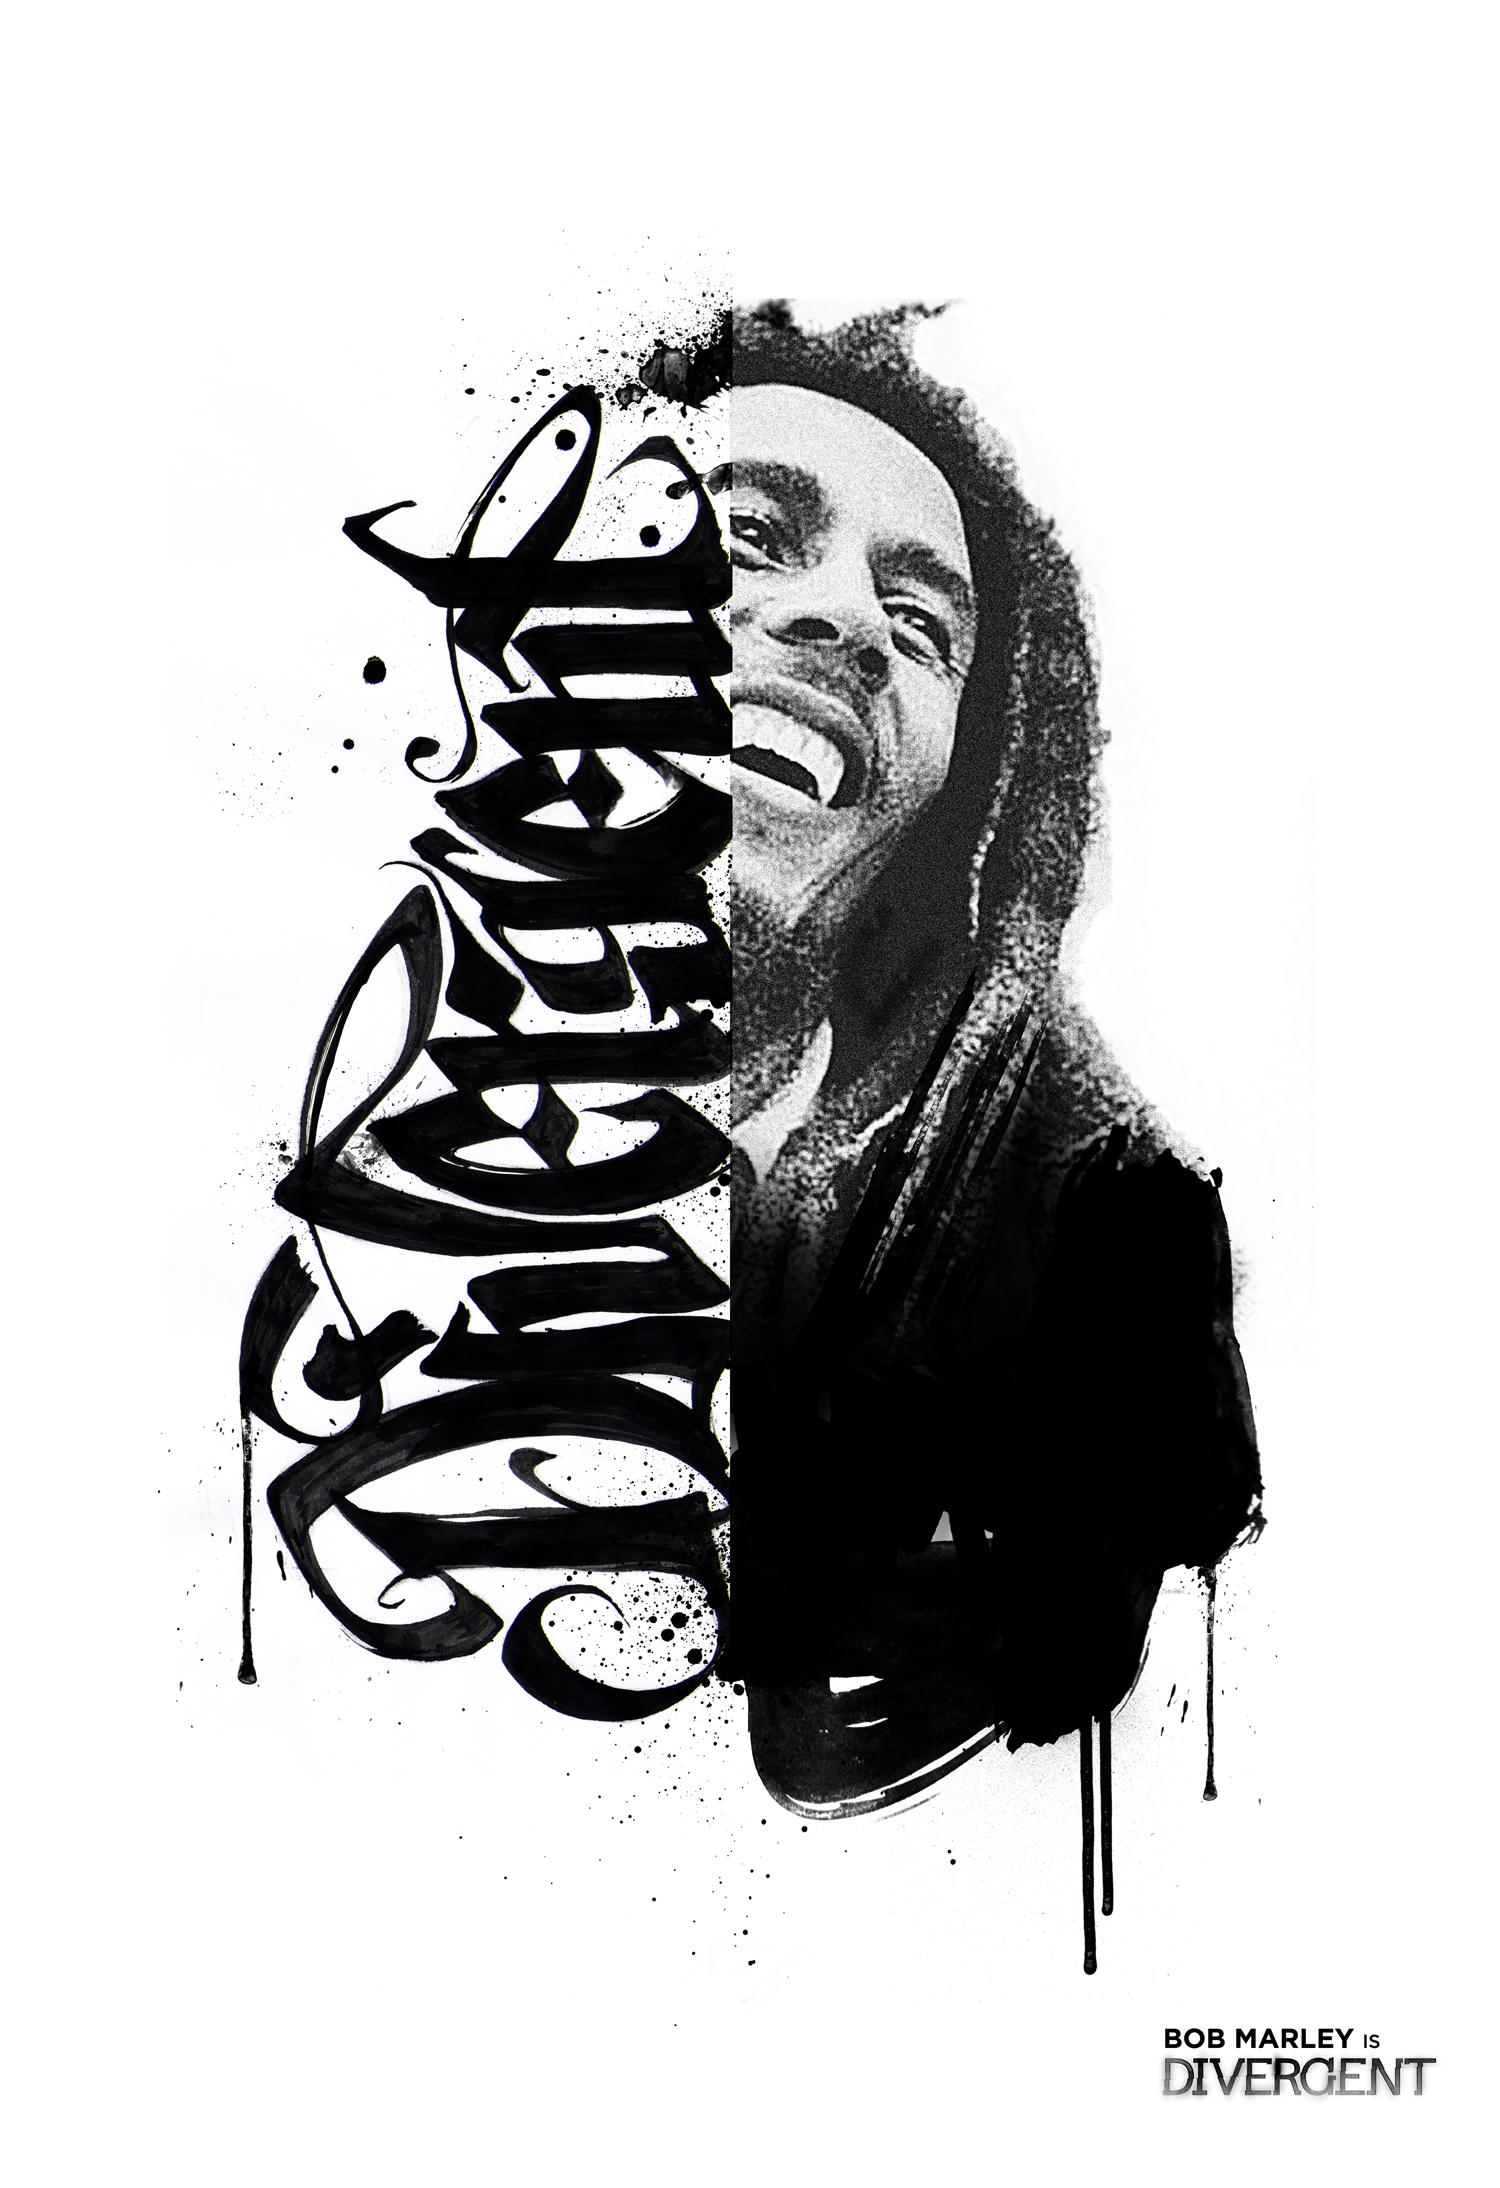 DIVERGENT_calligrafitti_BOB01.jpg